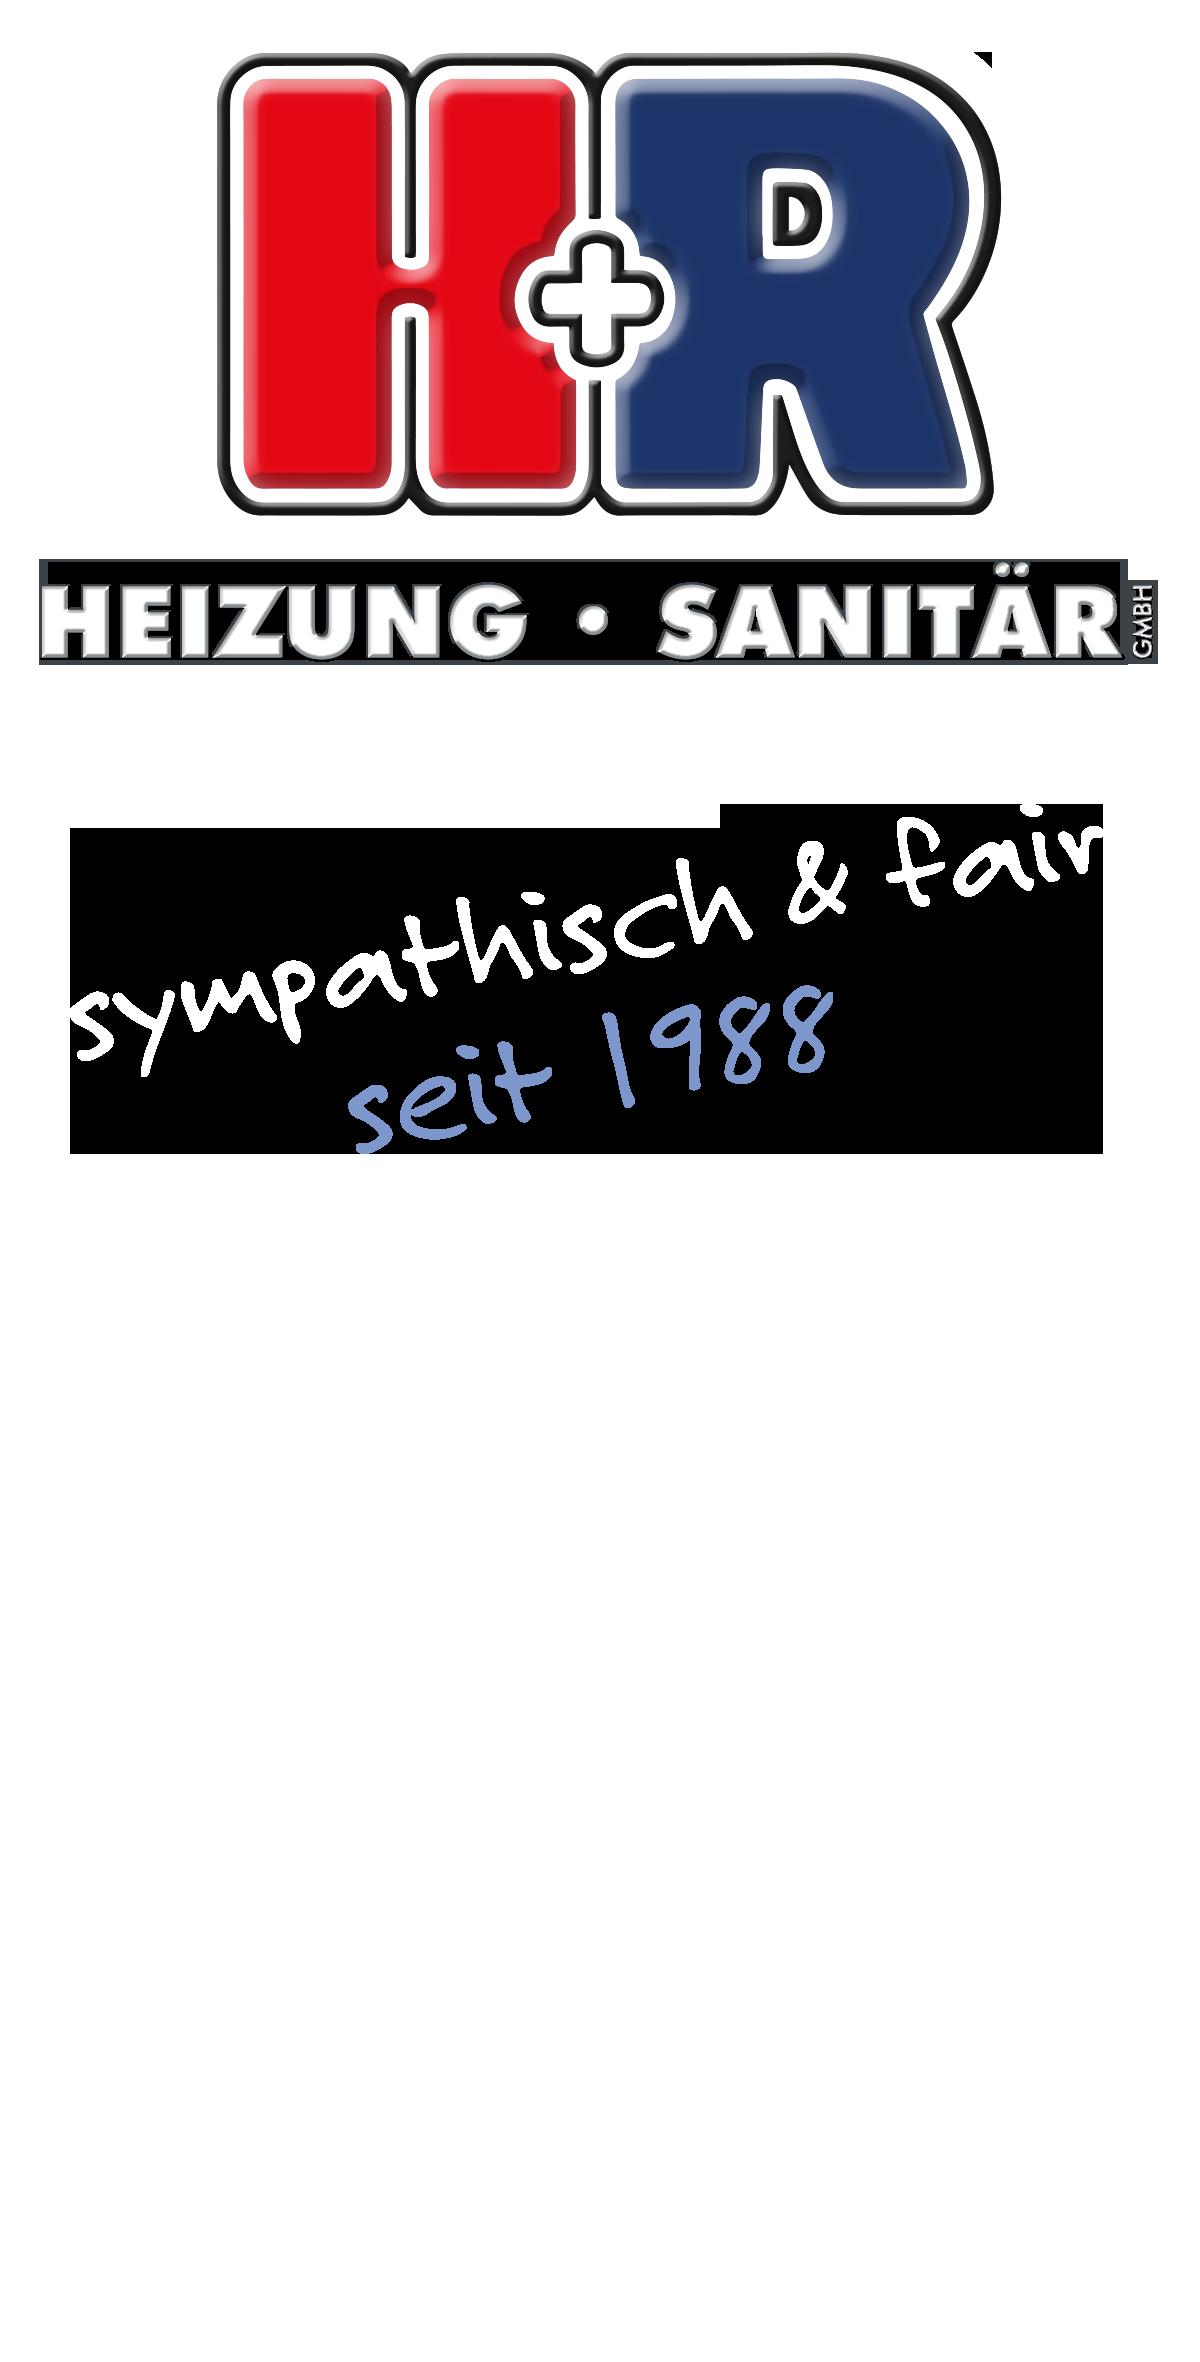 H und R-Logo Heizung Sanitär sympathisch und fair